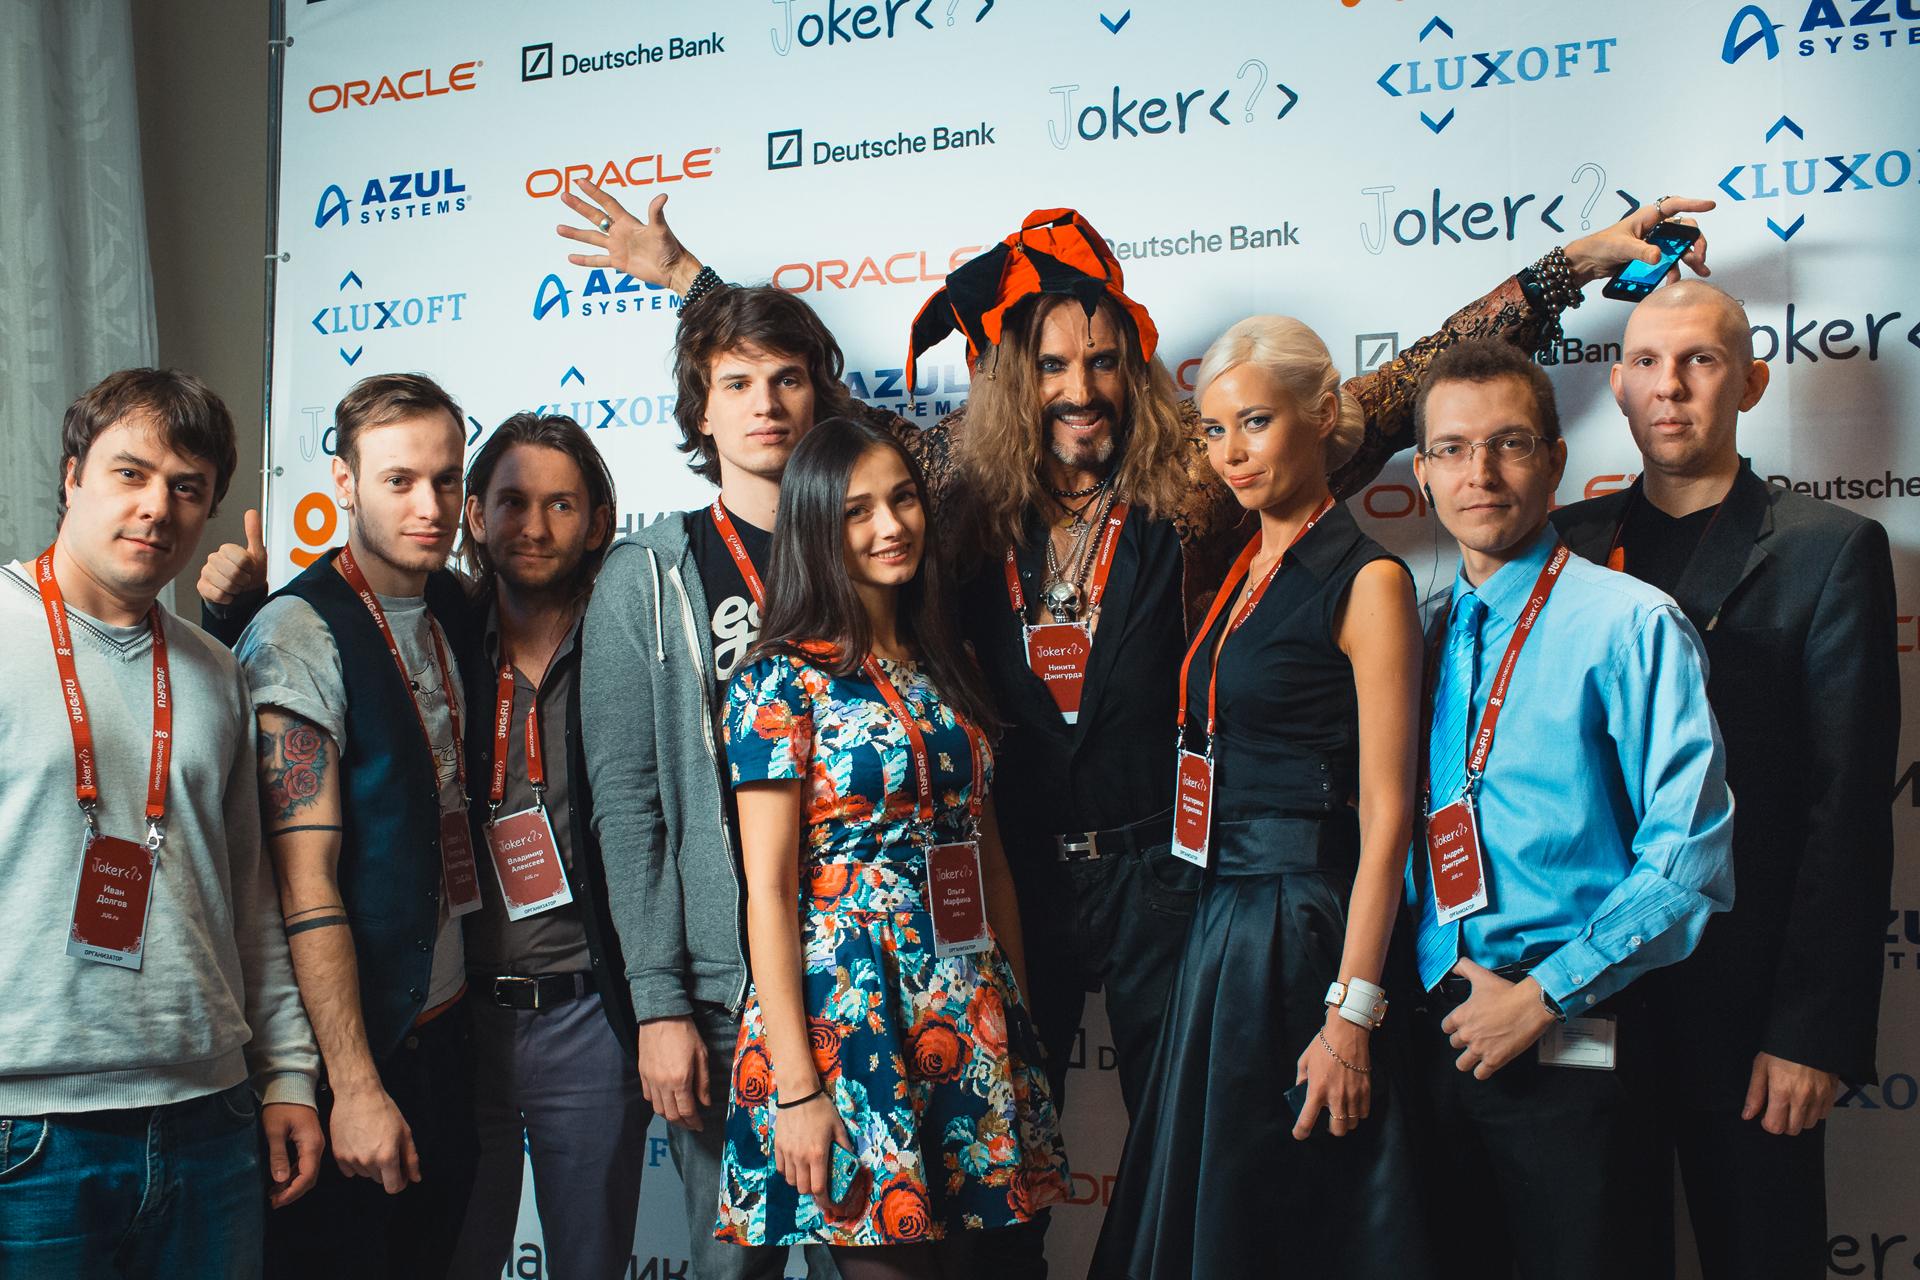 Возвращение Джокера: как прошла главная российская Java конференция